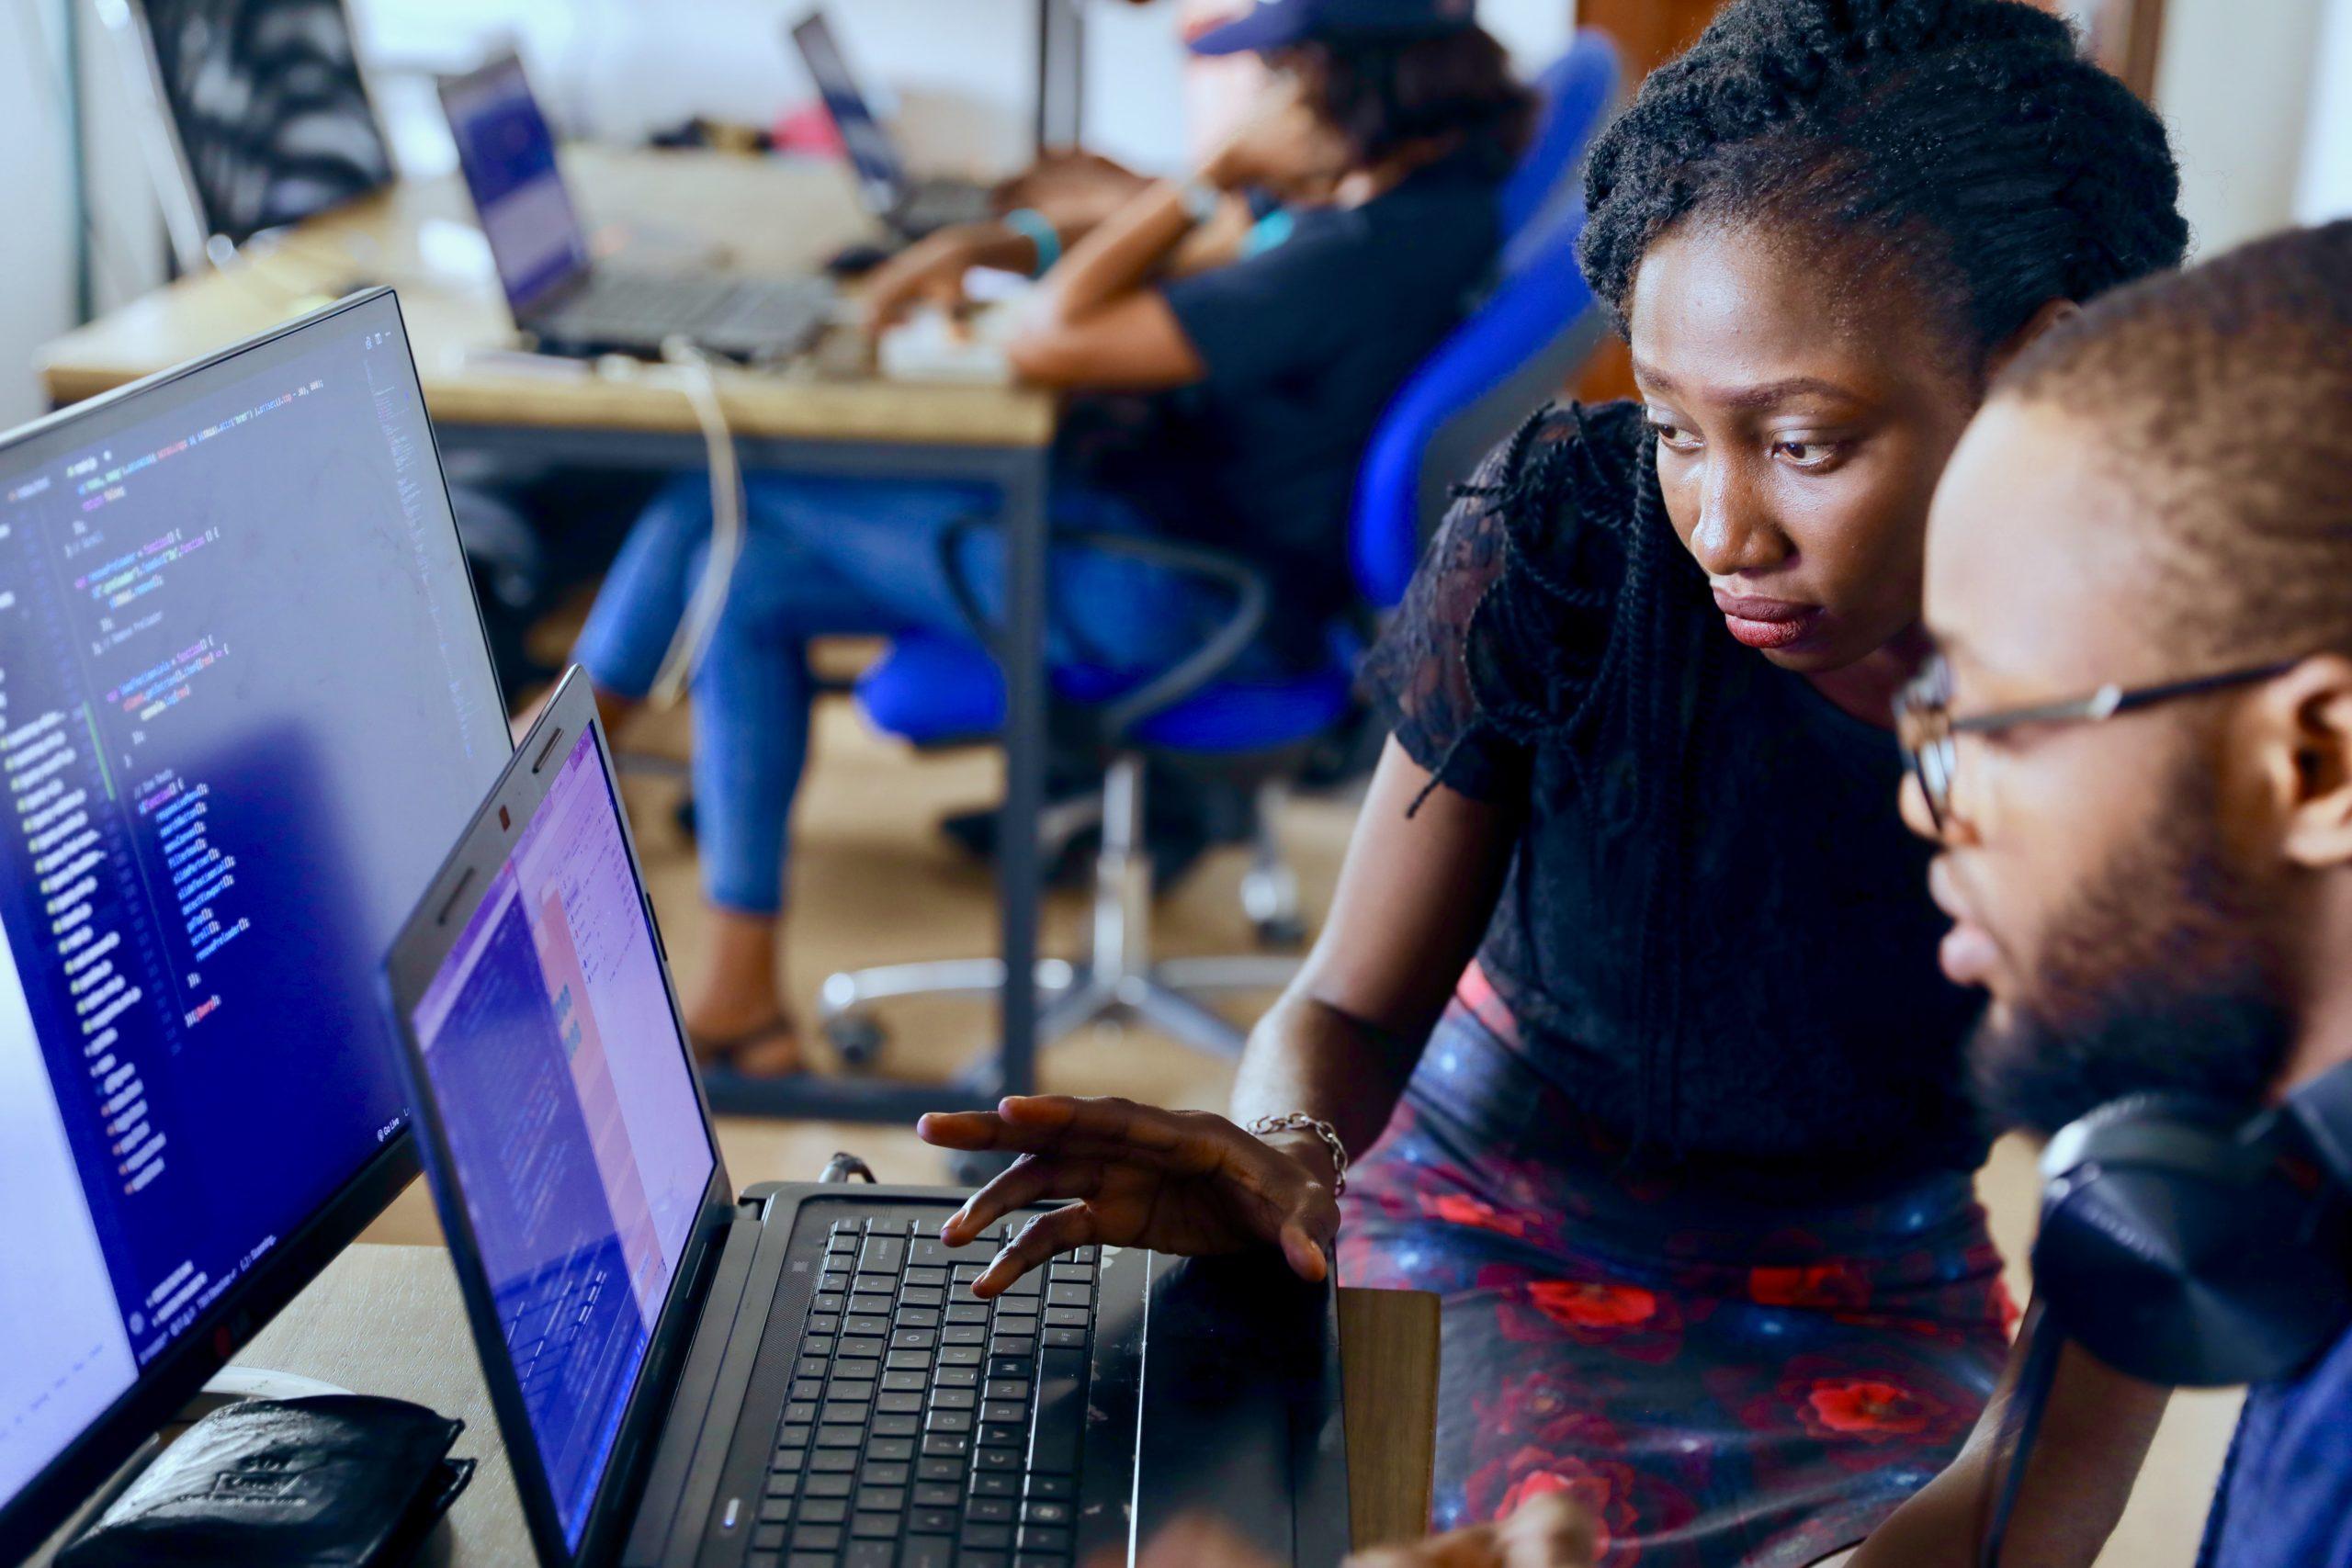 un homme et une femme travaillent ensemble sur un ordinateur